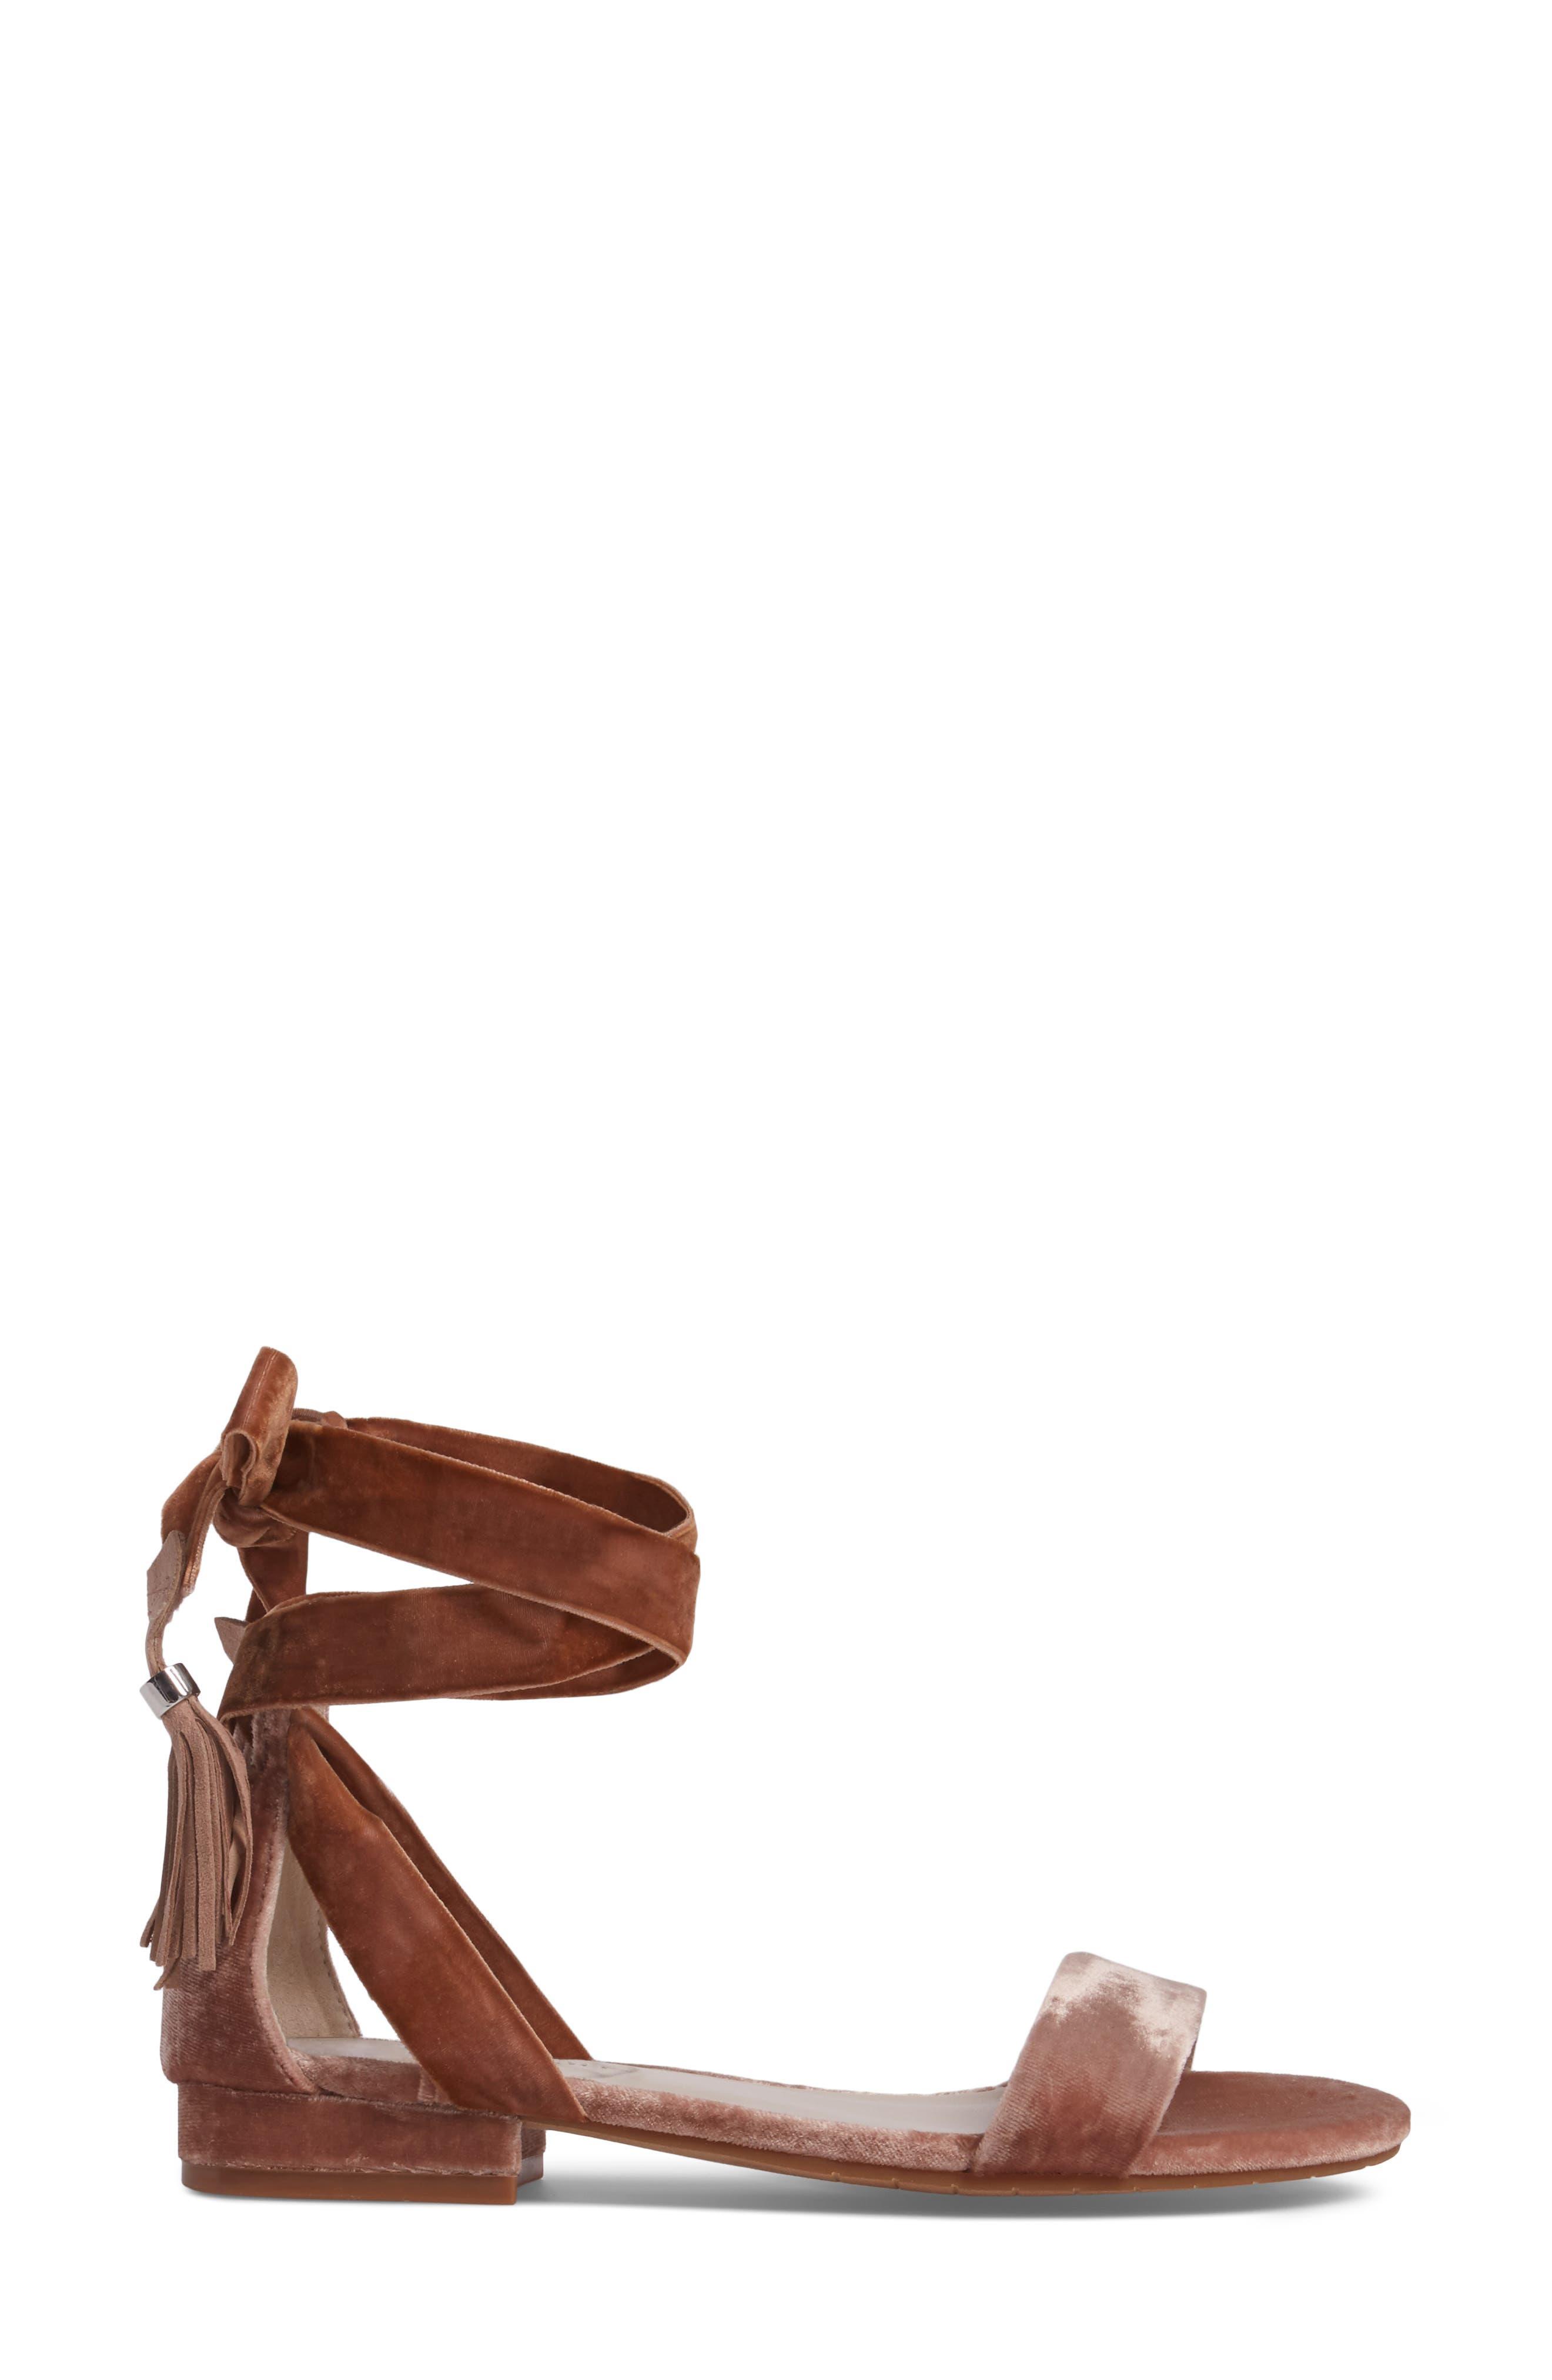 Valen Tassel Lace-Up Sandal,                             Alternate thumbnail 3, color,                             Blush Velvet